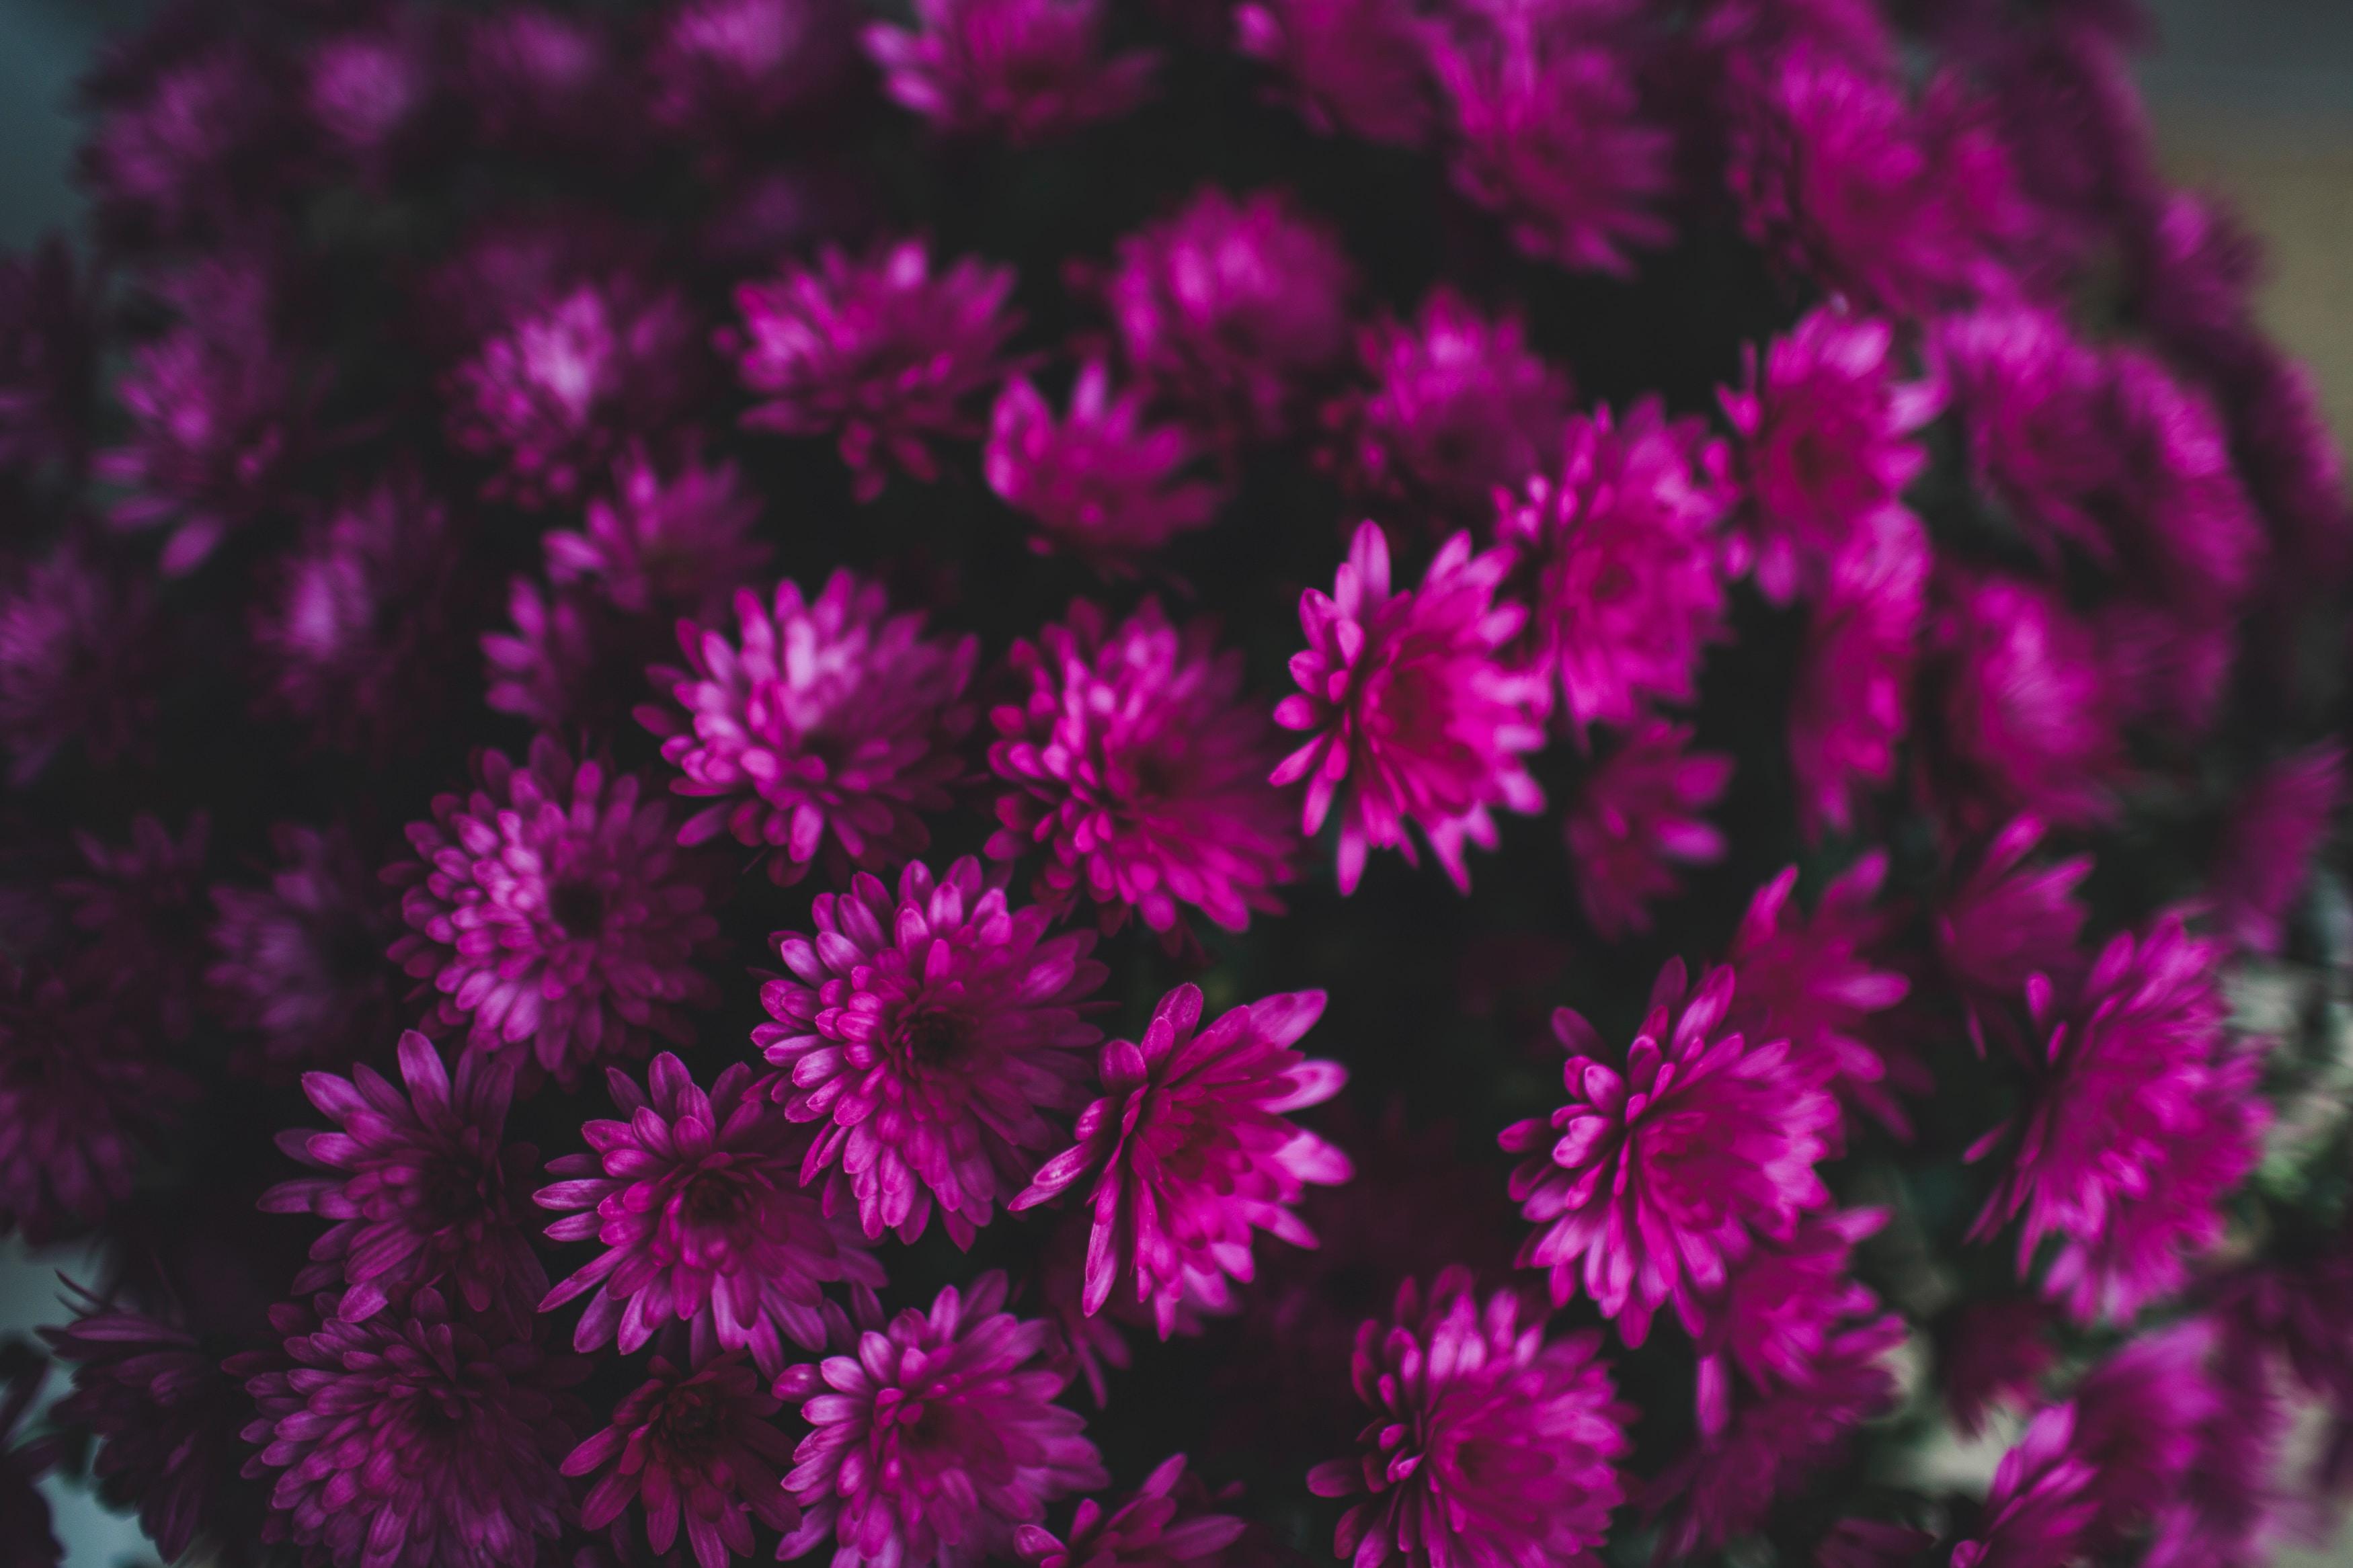 59885 скачать обои Хризантемы, Цветы, Букет, Фиолетовый - заставки и картинки бесплатно